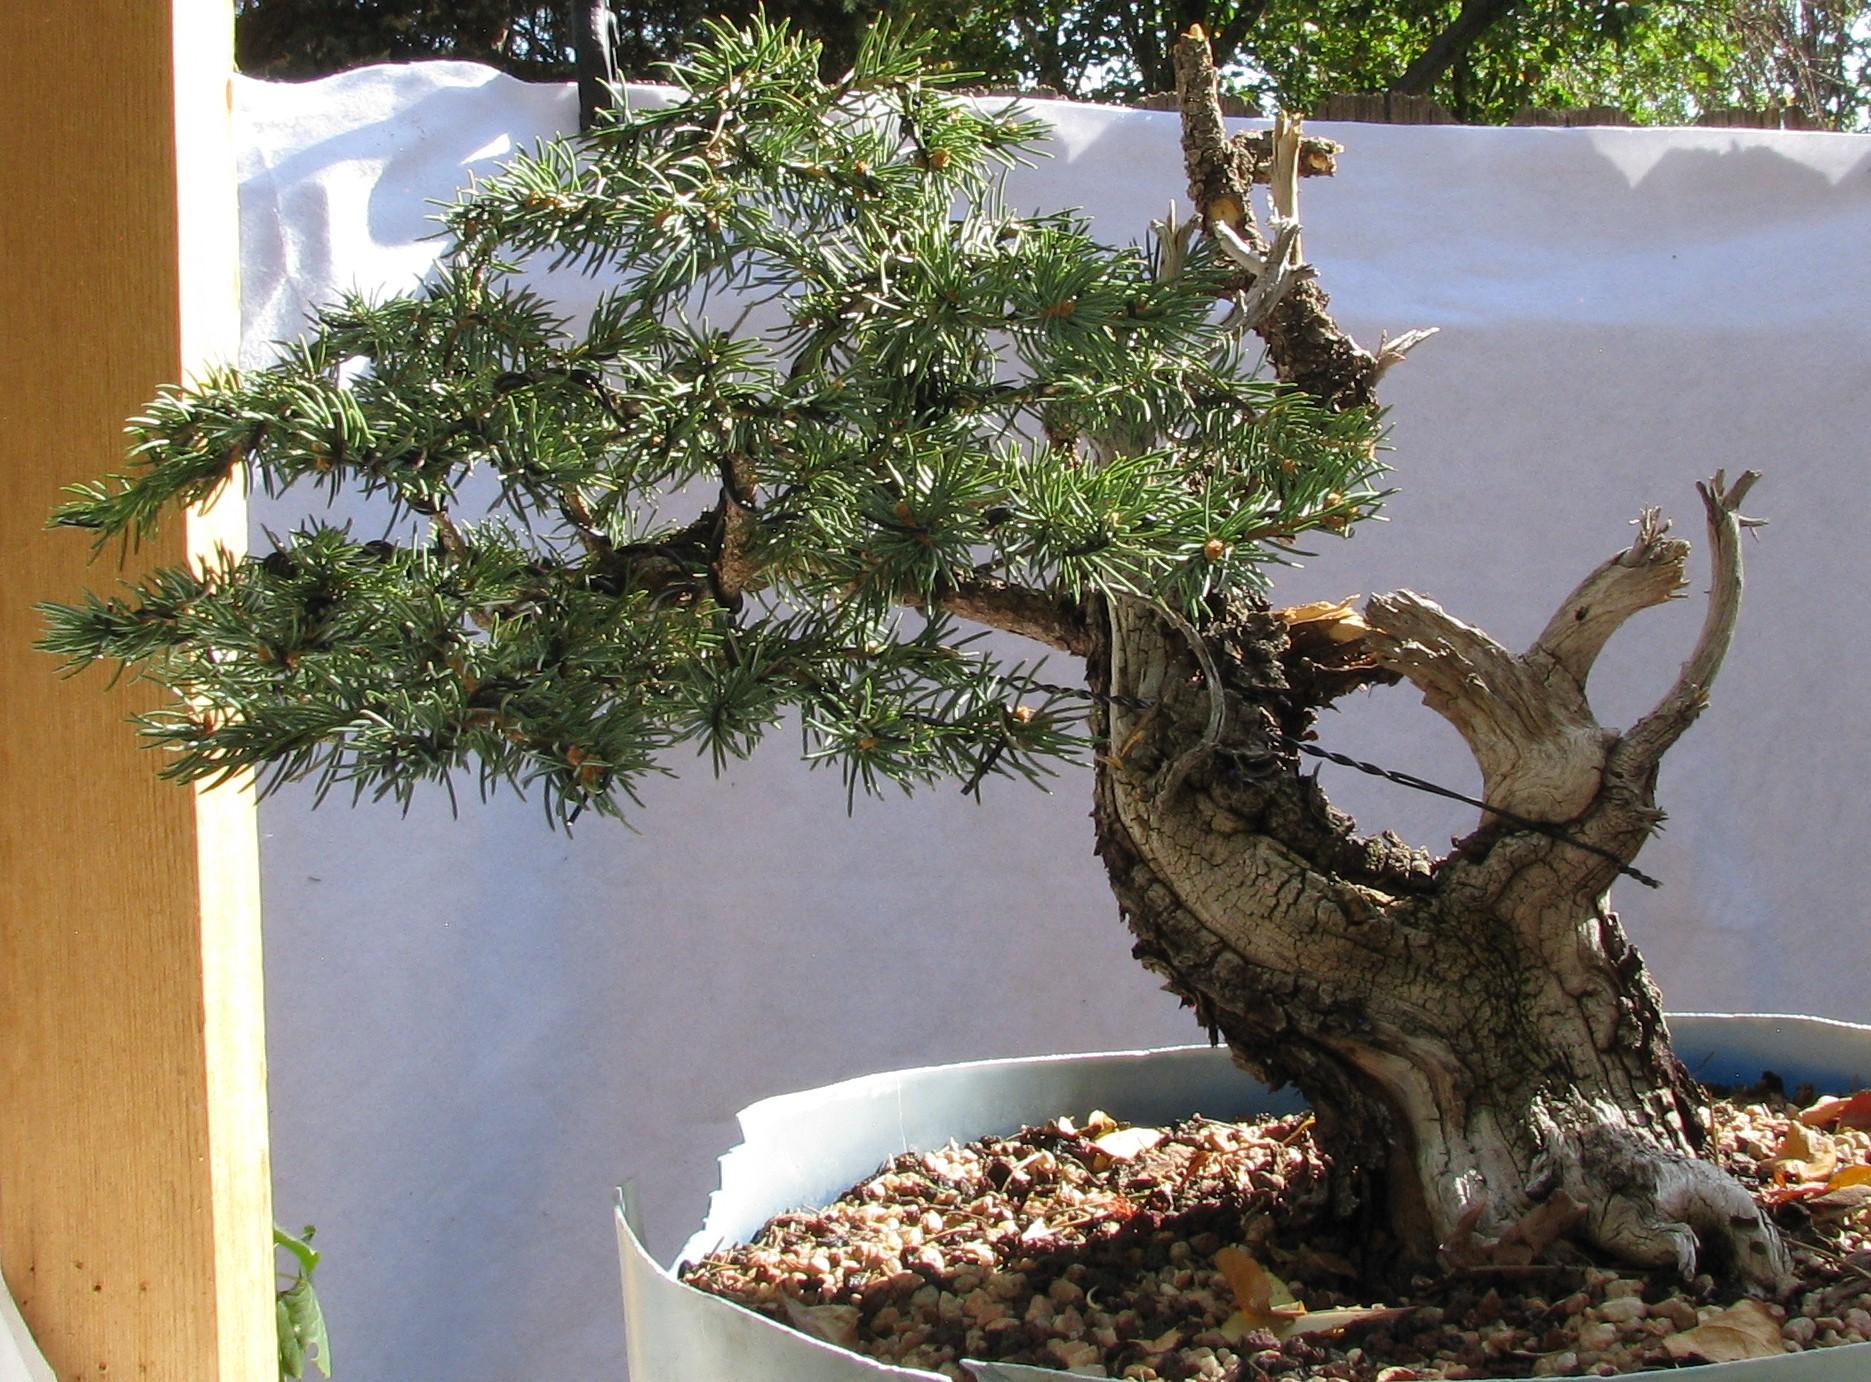 Picea Pungens Colorado Blue Spruce Bonsai 2 Colorado Rocky Mountain Bonsai Suiseki